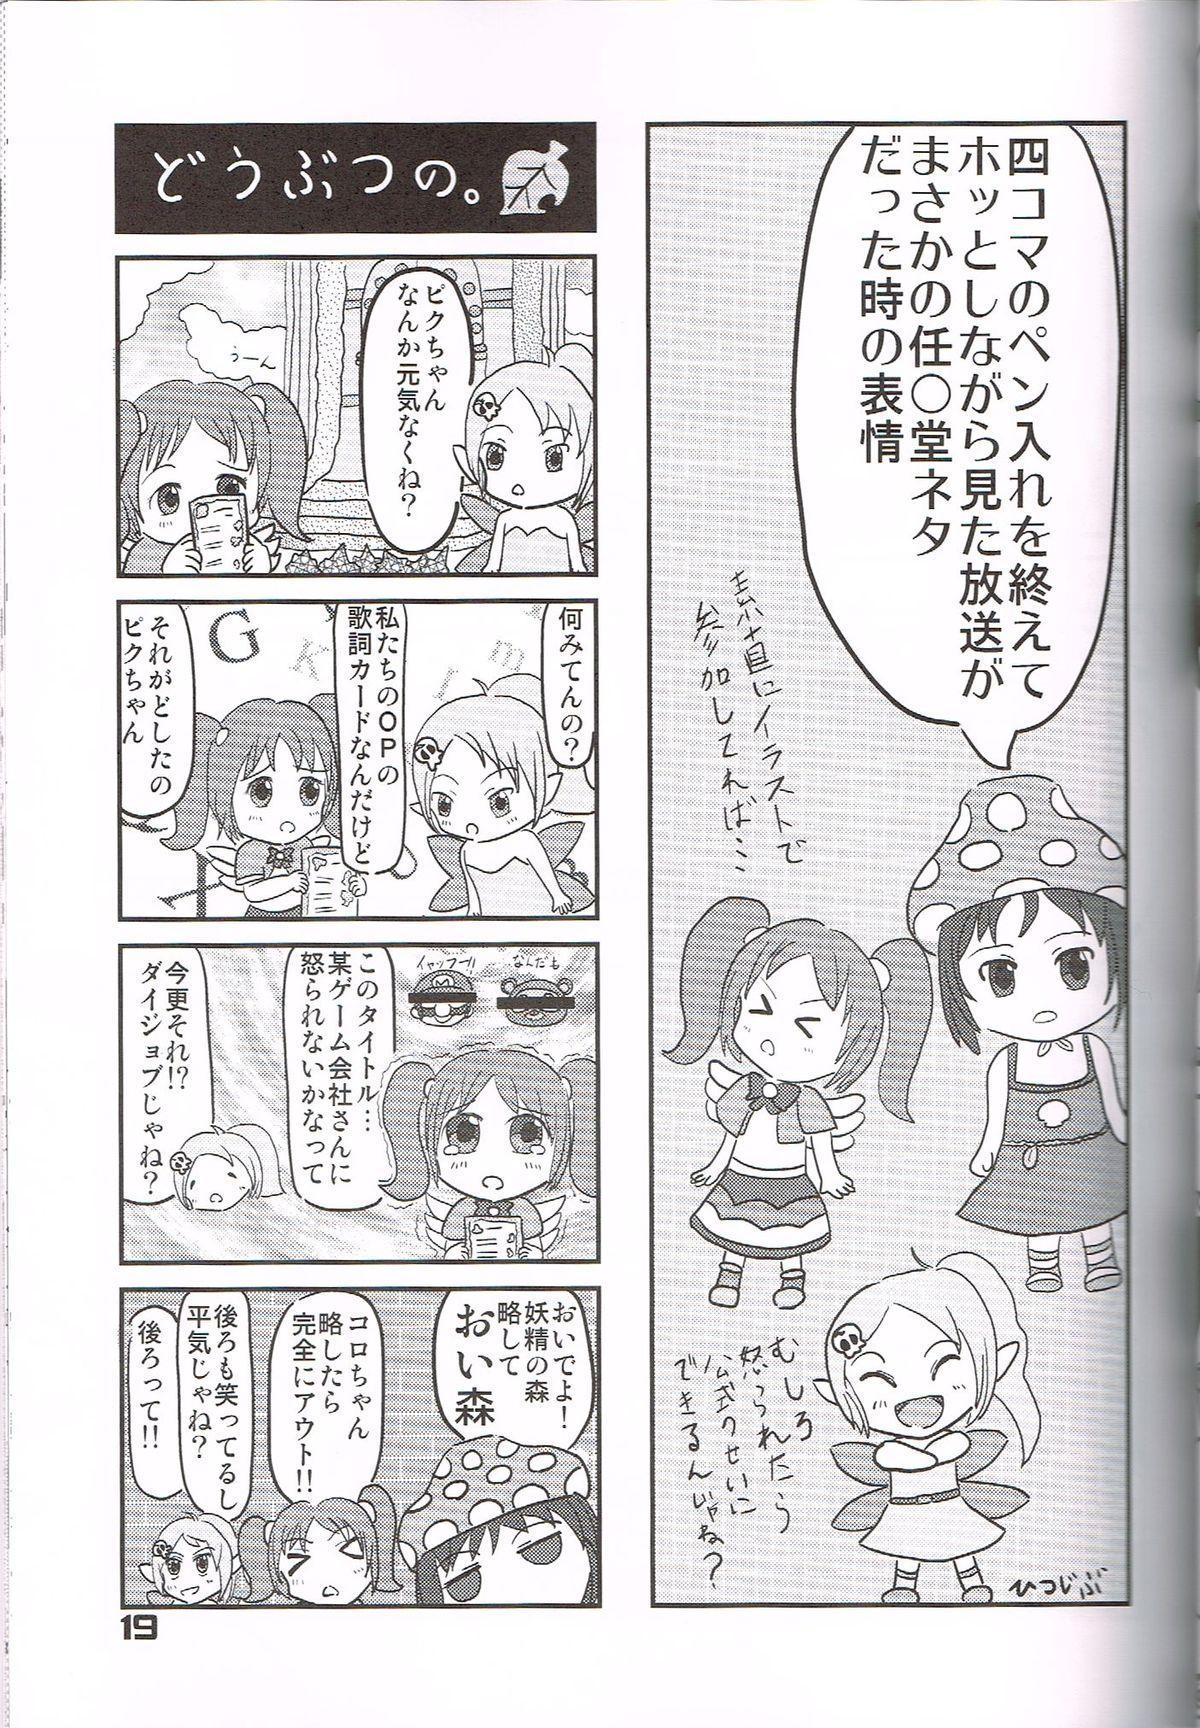 """Hatashite Konofuyu Nansatsu no Doujinshi ga """"○○ Fairies"""" Toiu Title Darouka 17"""